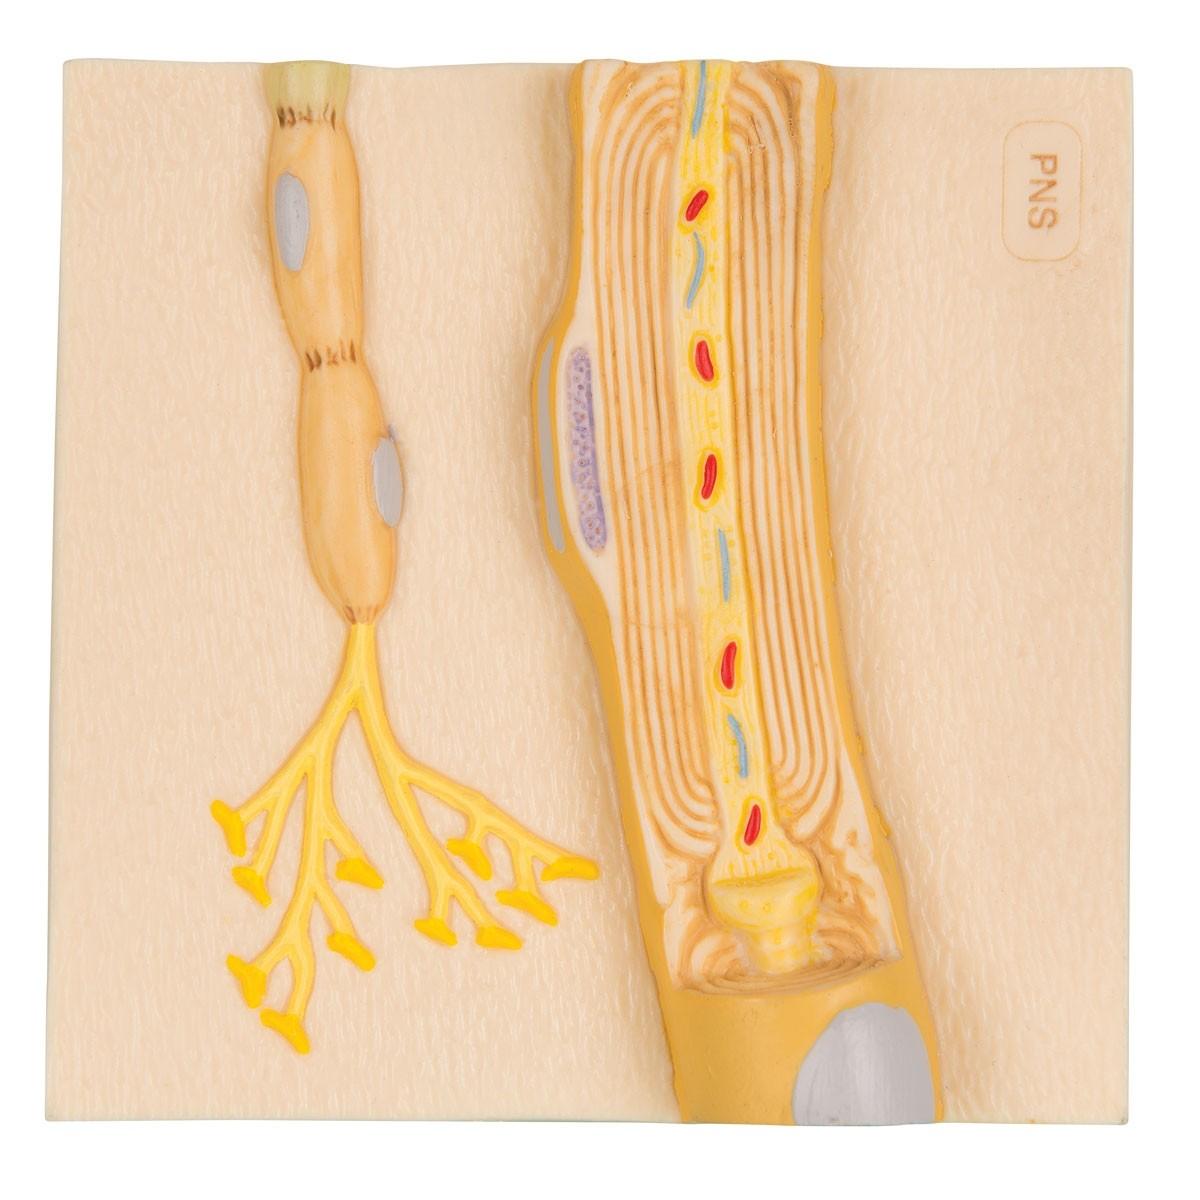 Markscheiden des peripheren Nervensystems